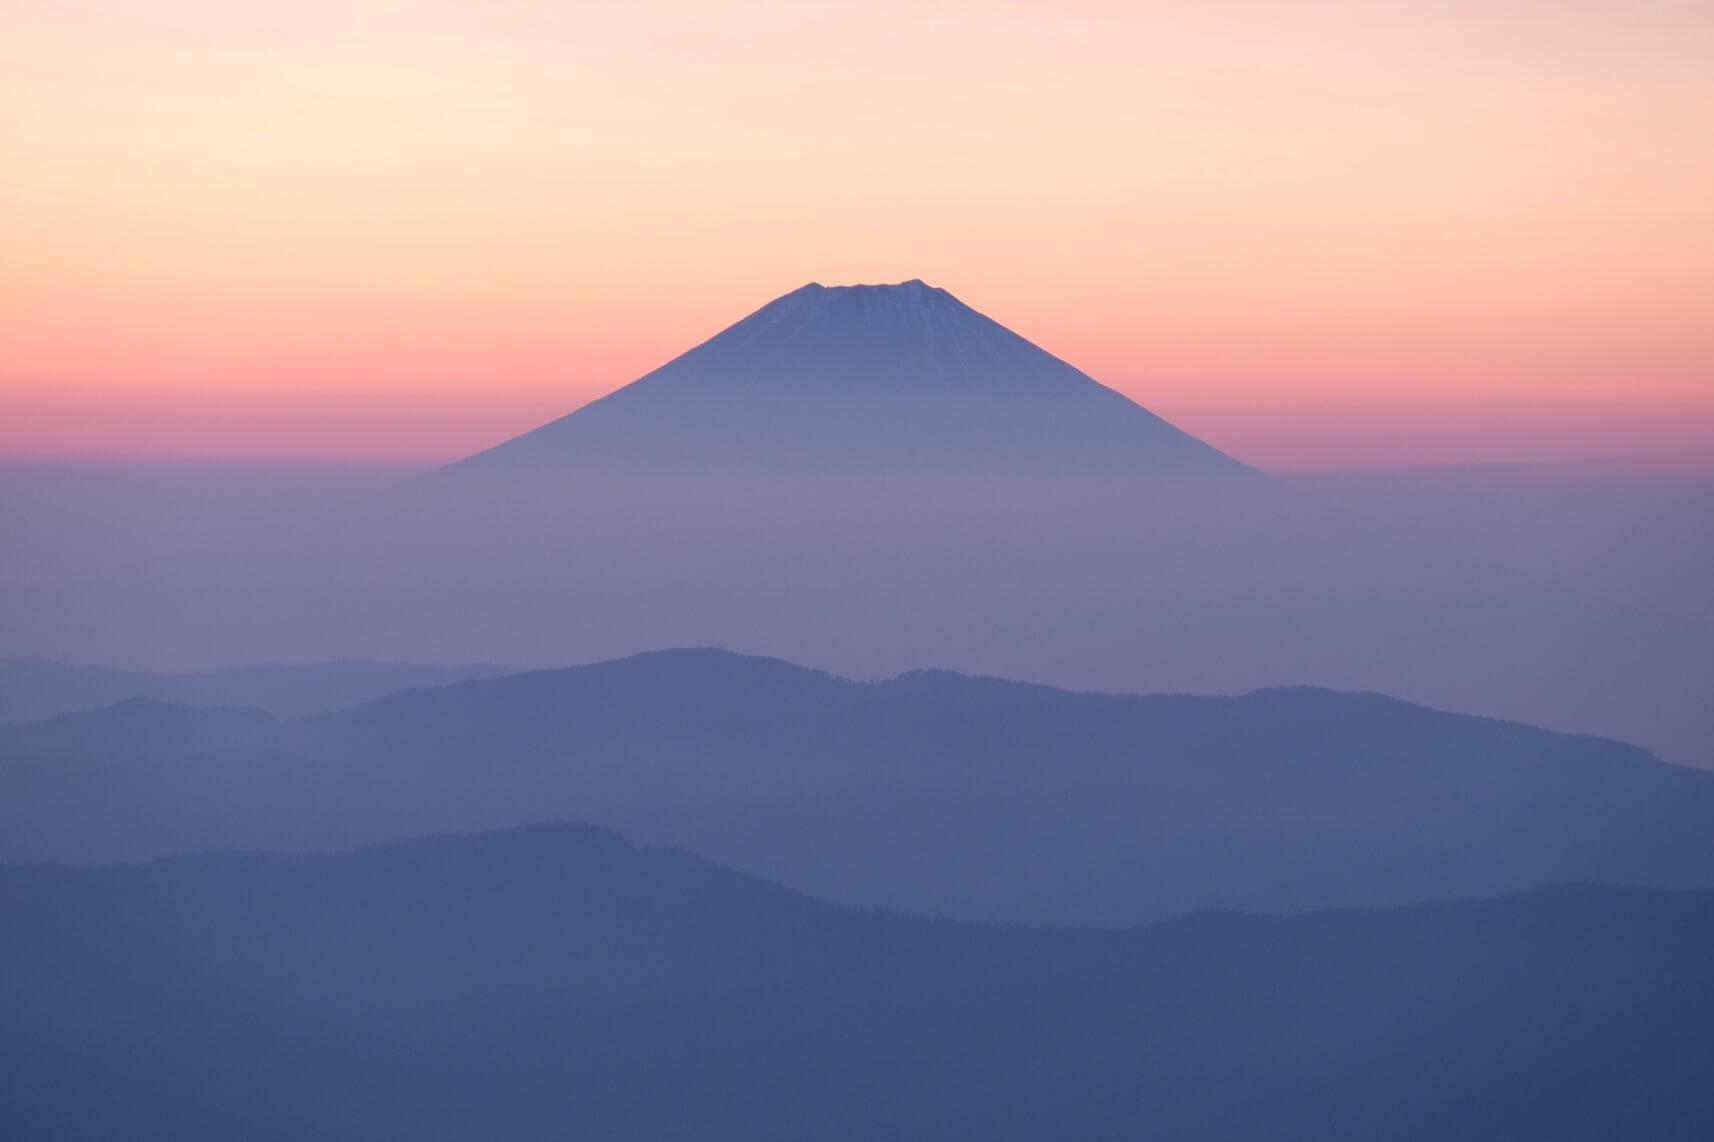 Mt. Fuji at Sunrise from Mt. Tekari, Southern Alps, Nagano